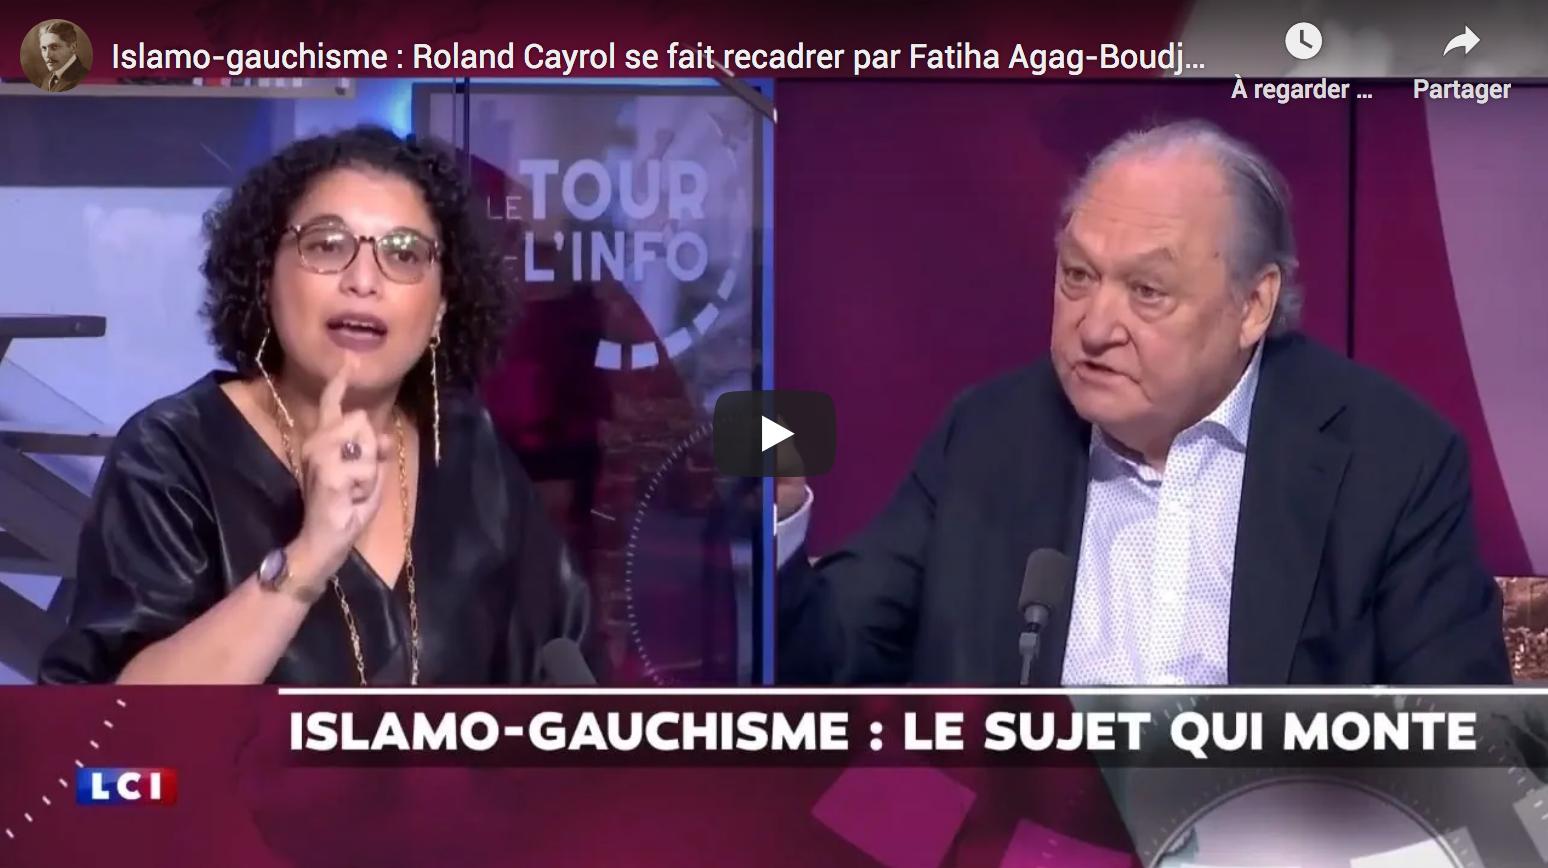 Islamo-gauchisme : Roland Cayrol se fait recadrer par Fatiha Agag-Boudjahlat et pète un câble en direct (VIDÉO)